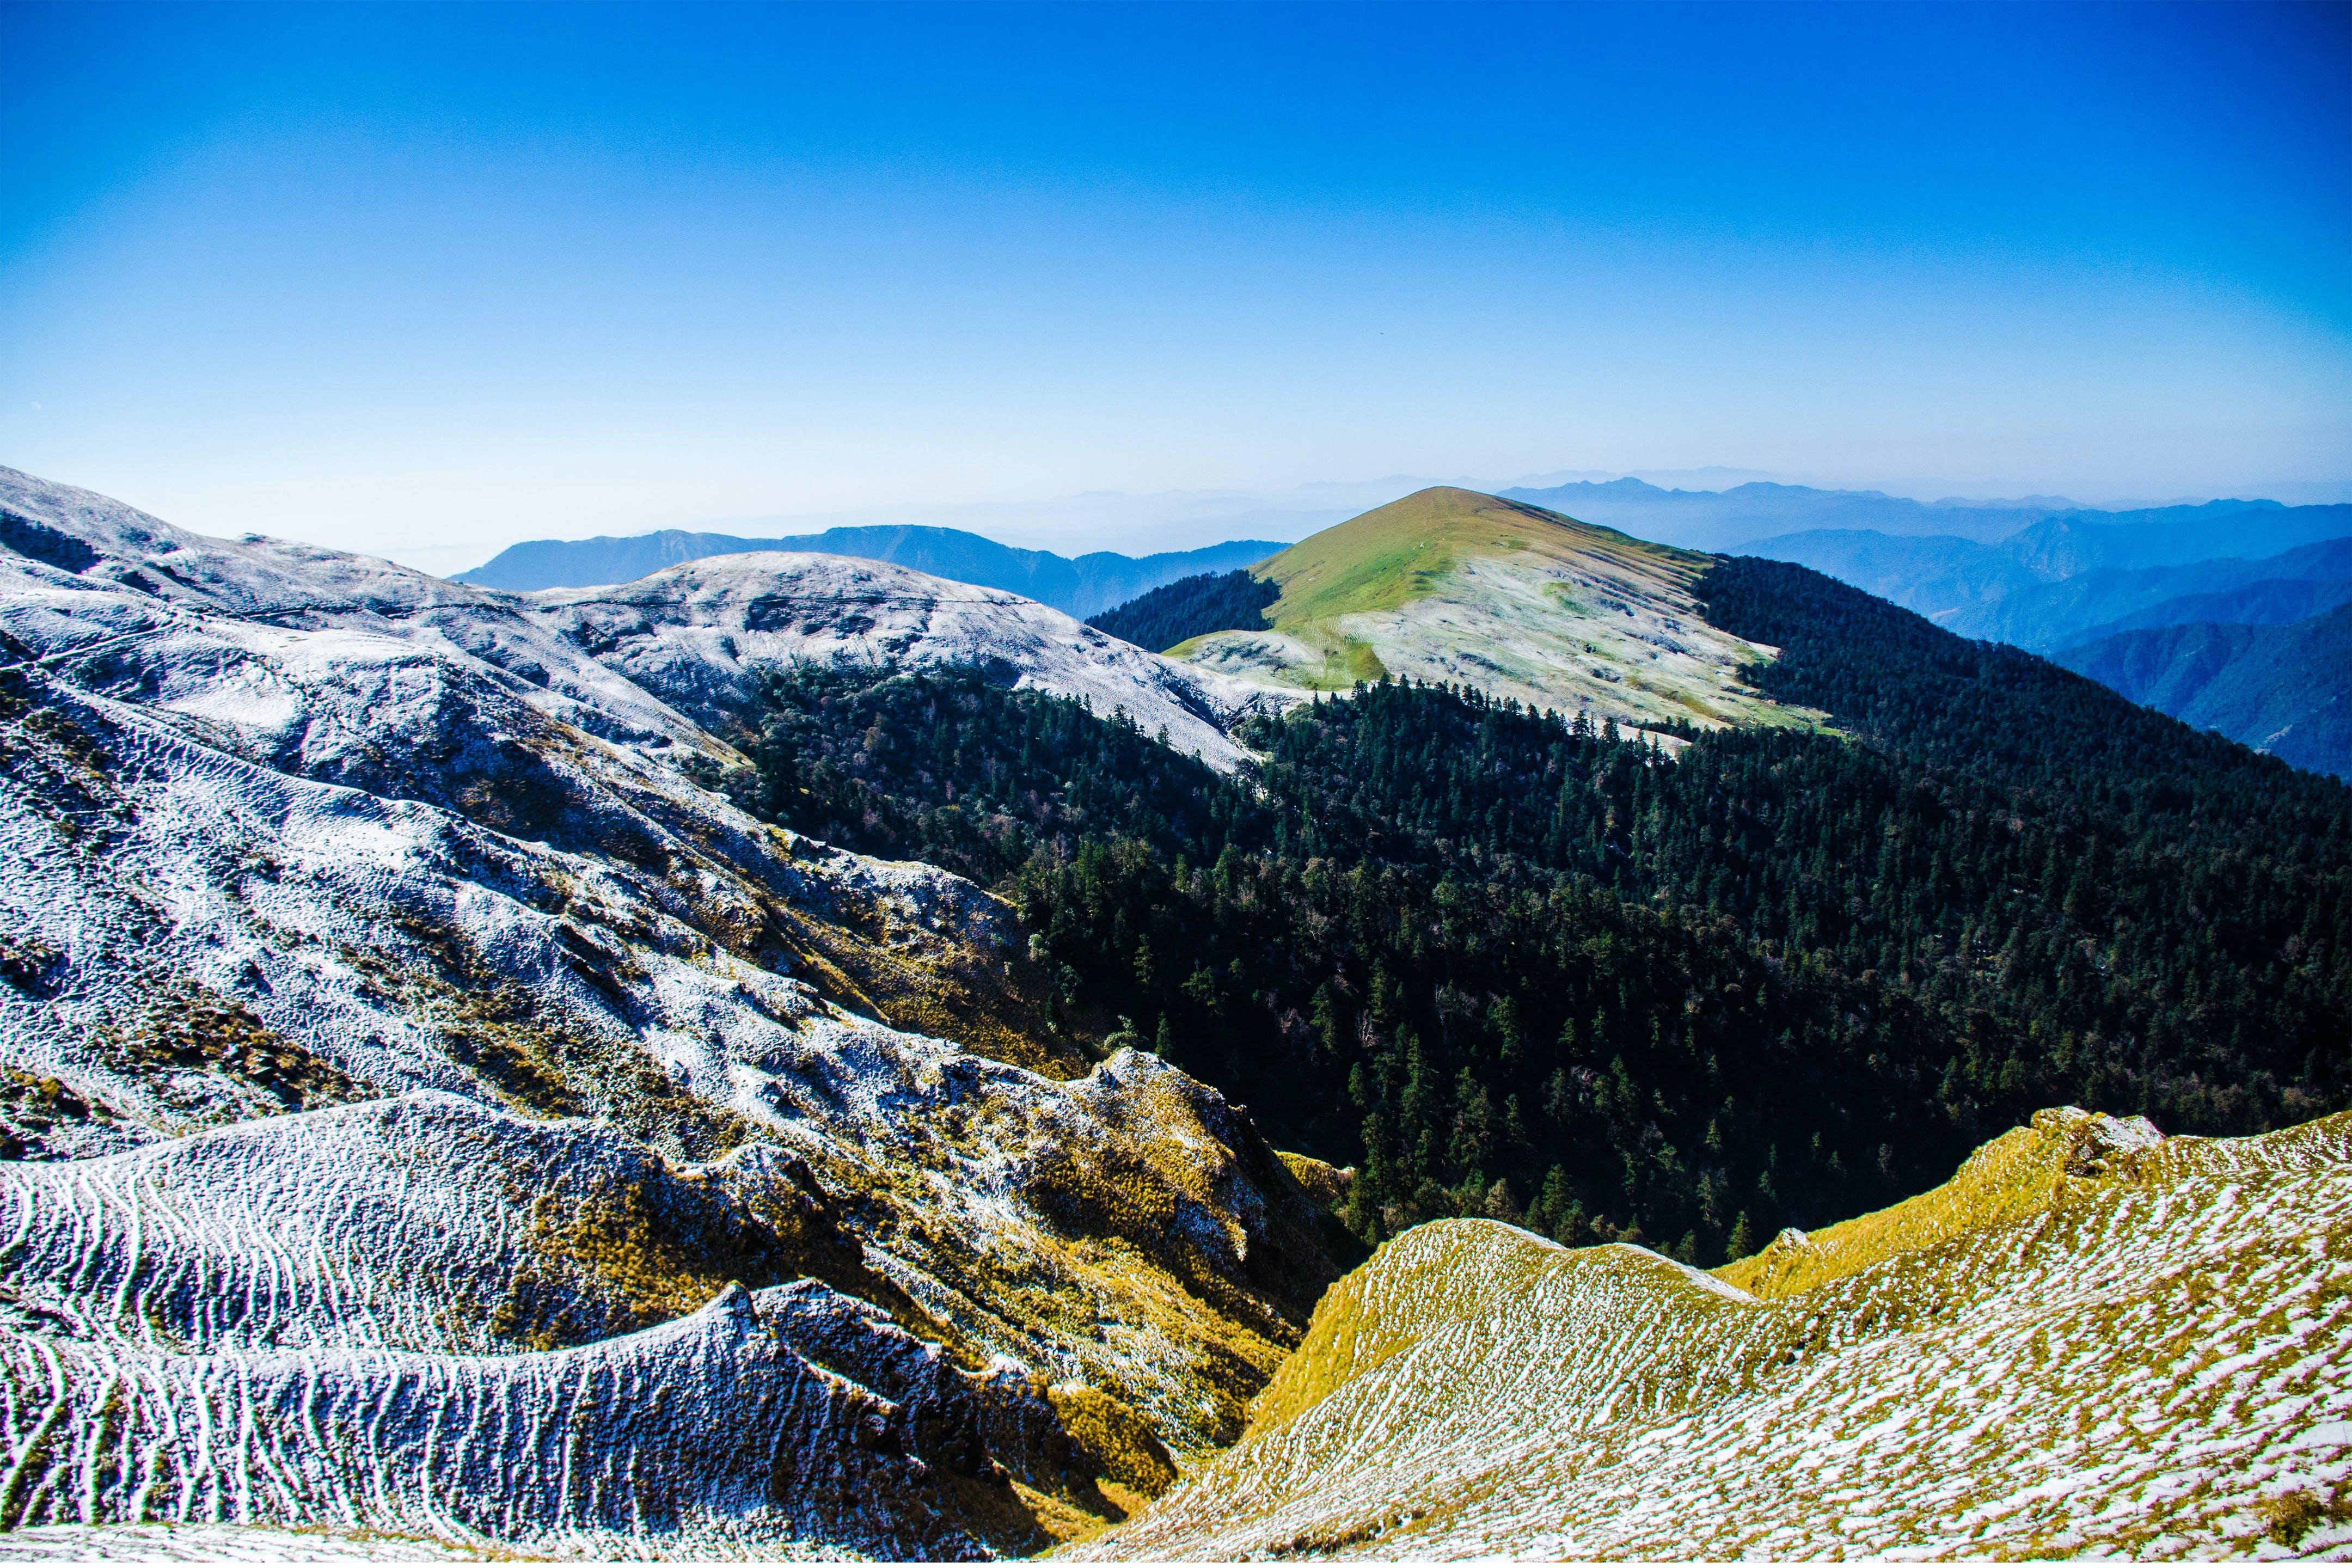 山岳, 晴天, 木, 環境の無料の写真素材